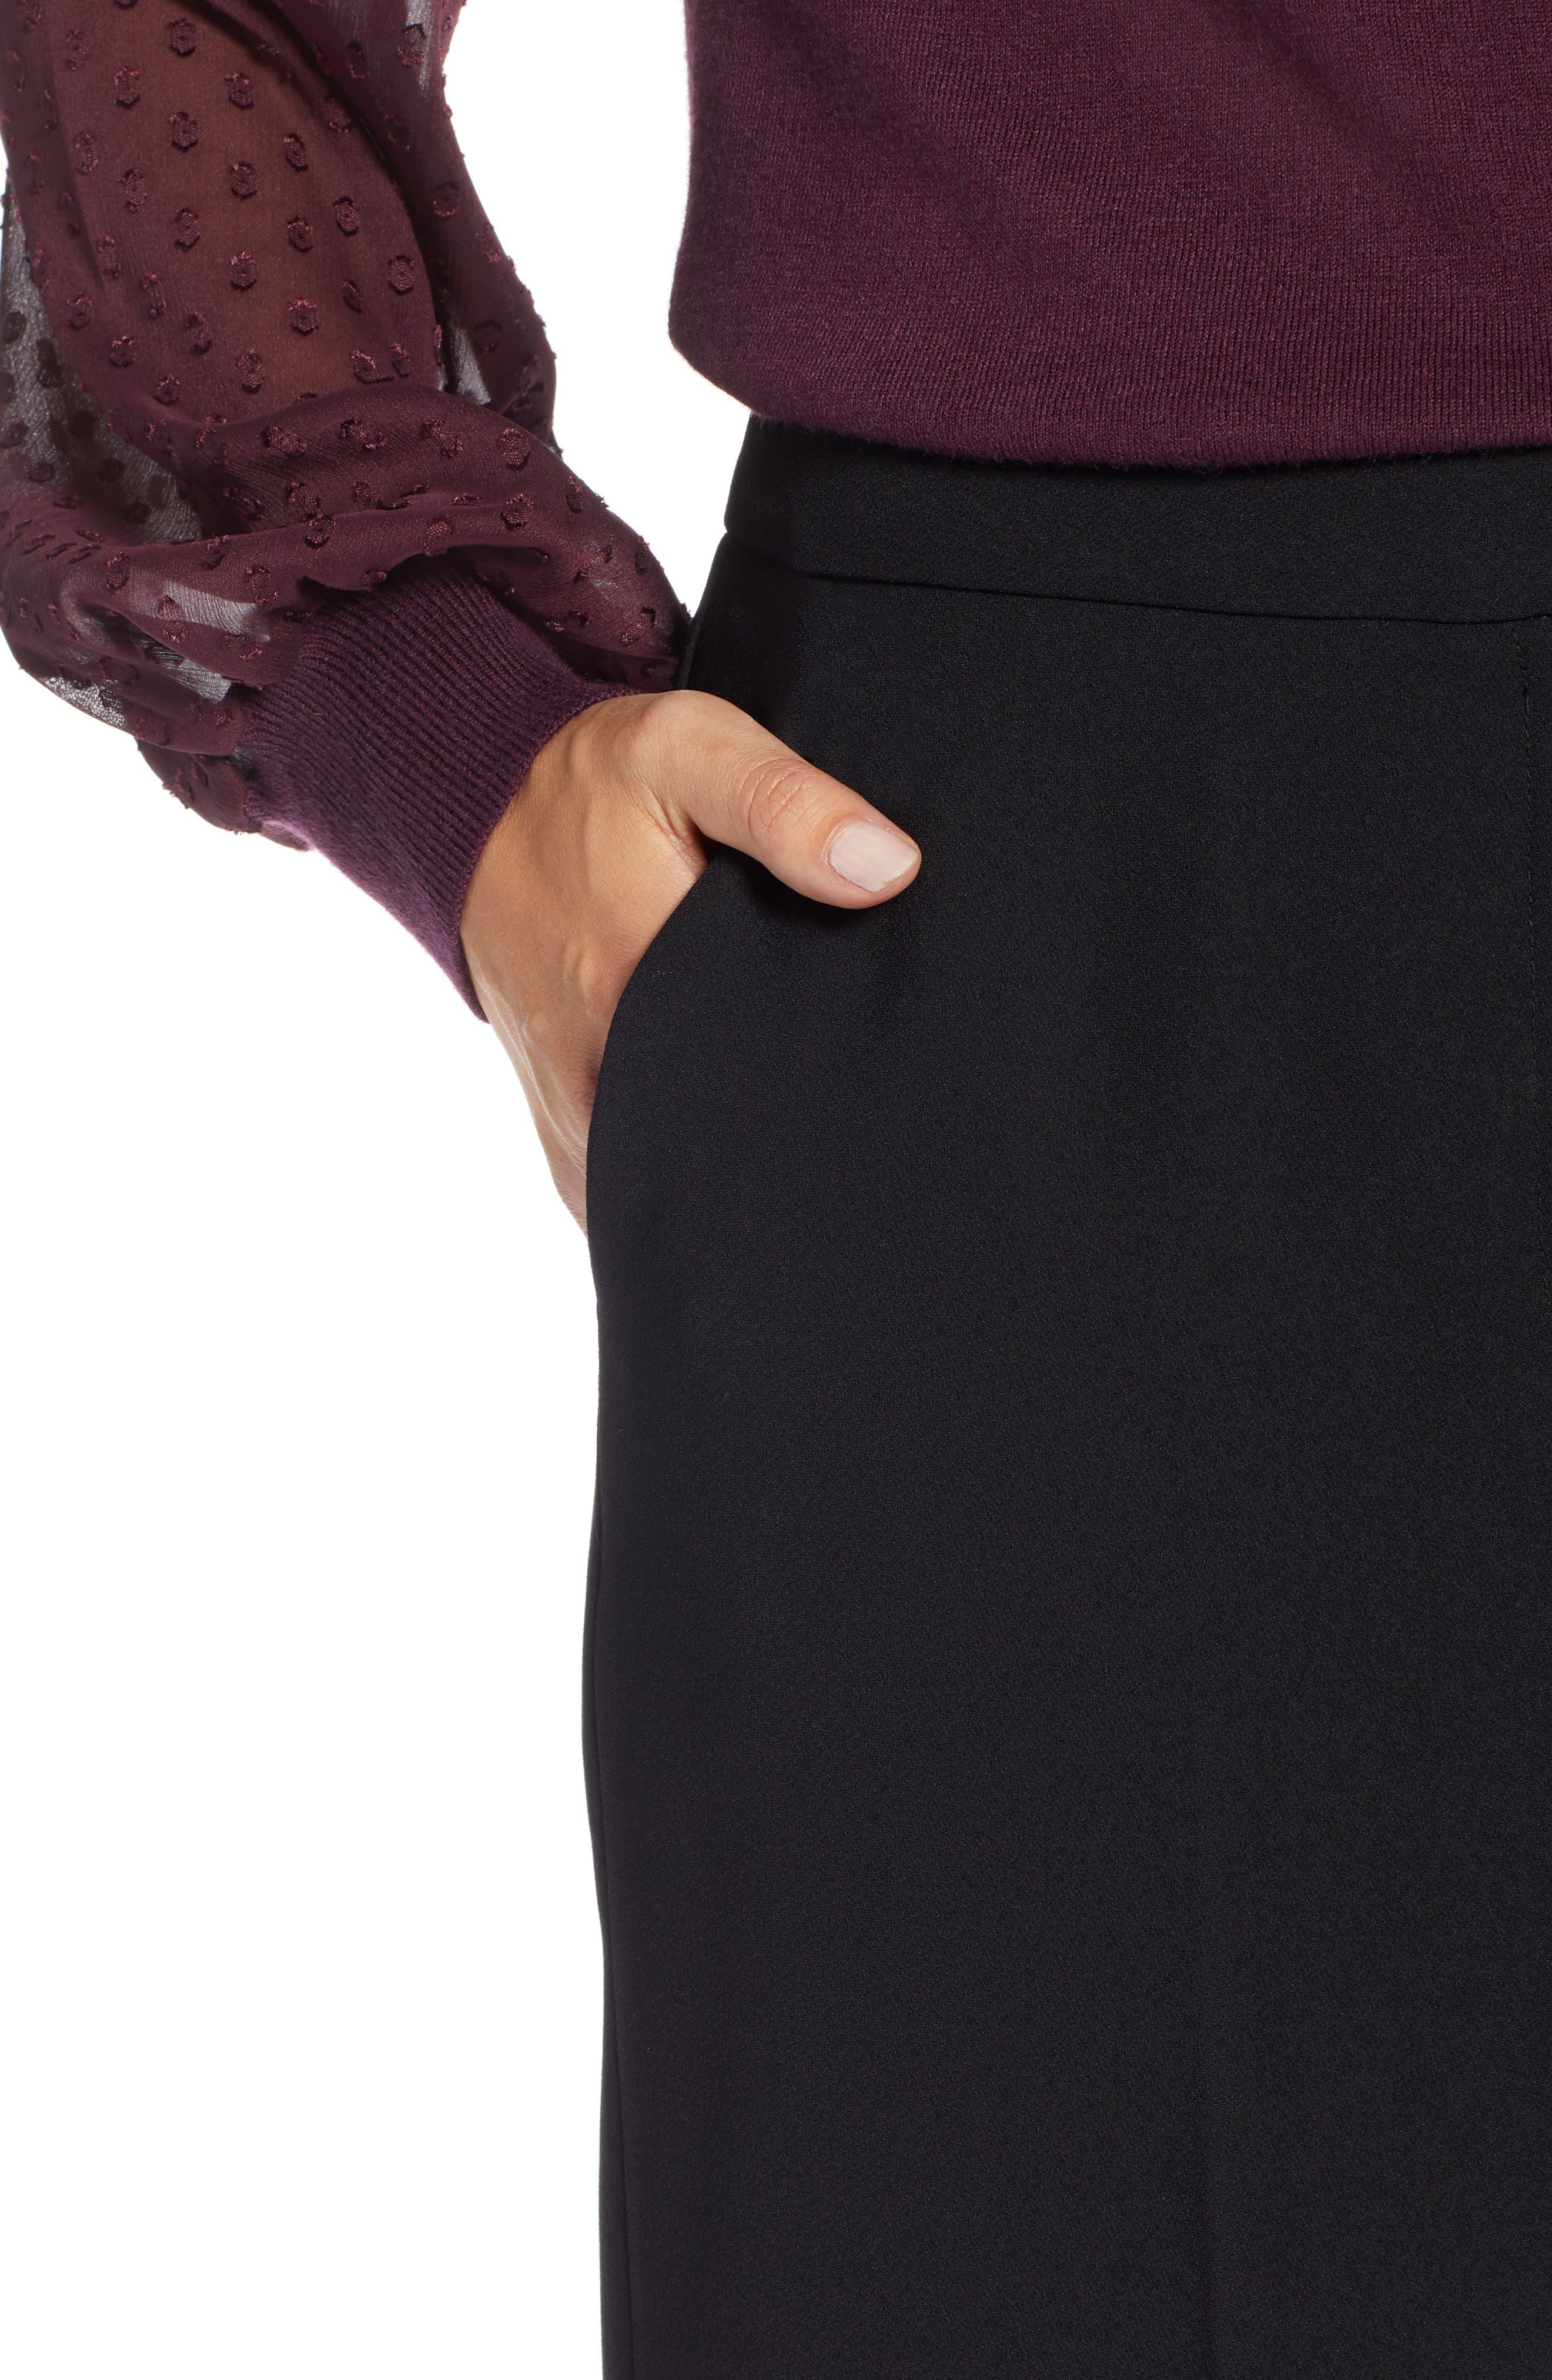 Wide Leg Crop Pants,                             Alternate thumbnail 4, color,                             001